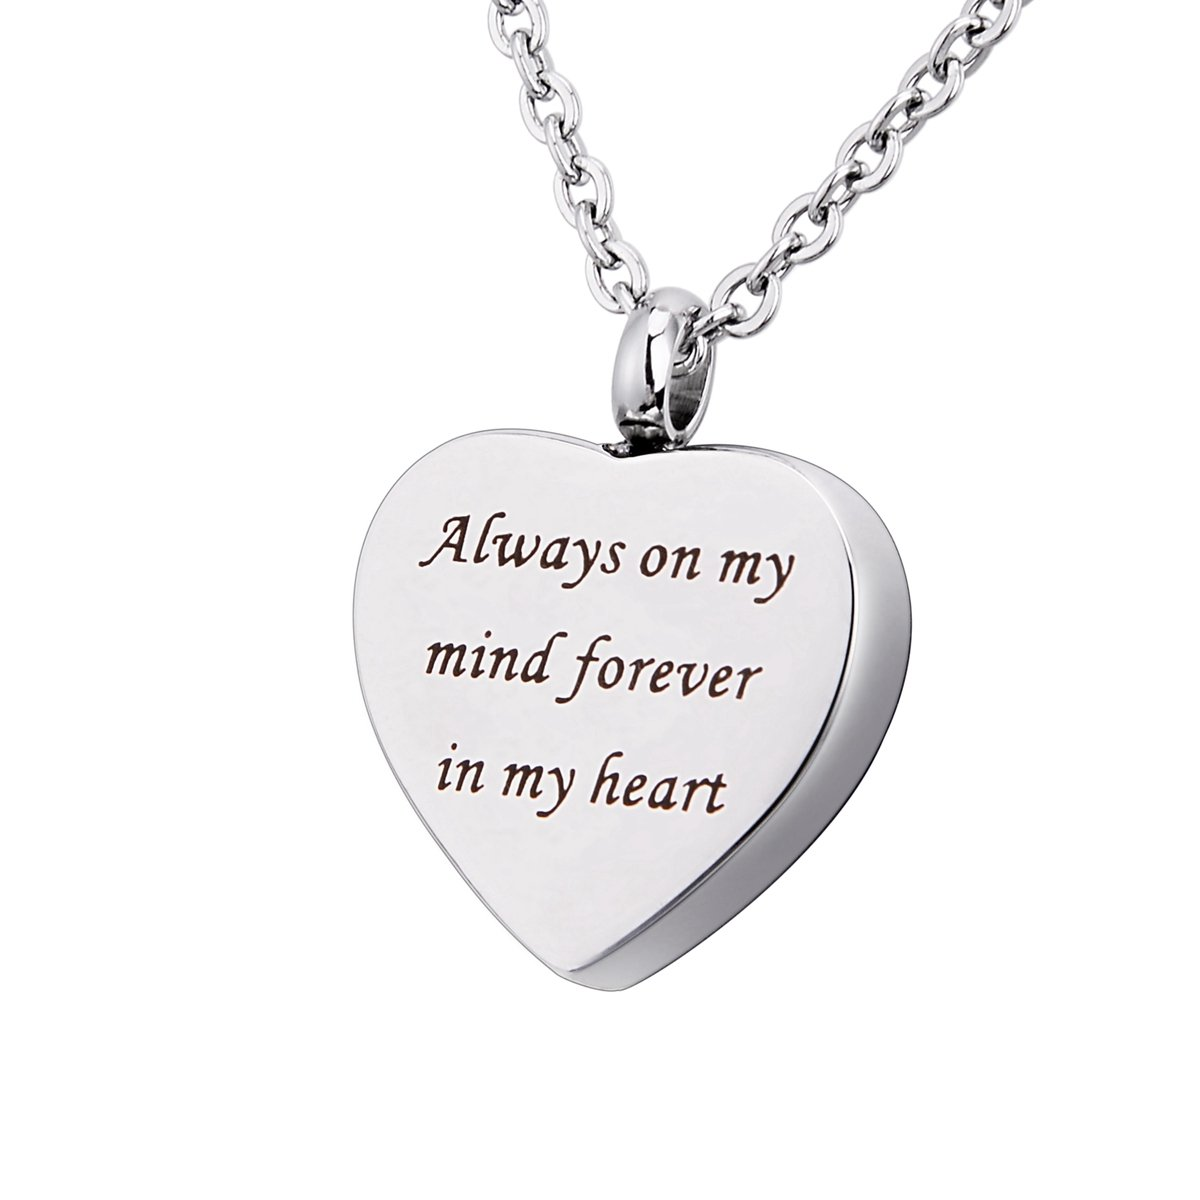 """火葬ジュエリーUrnネックレス灰"""" God Has You In His Arms I Have You In My Heart """"記念品メモリアルペンダント BYB00YE0A02T B073VGW237 Always on My Mind Forever in My Heart Always on My Mind Forever in My Heart"""